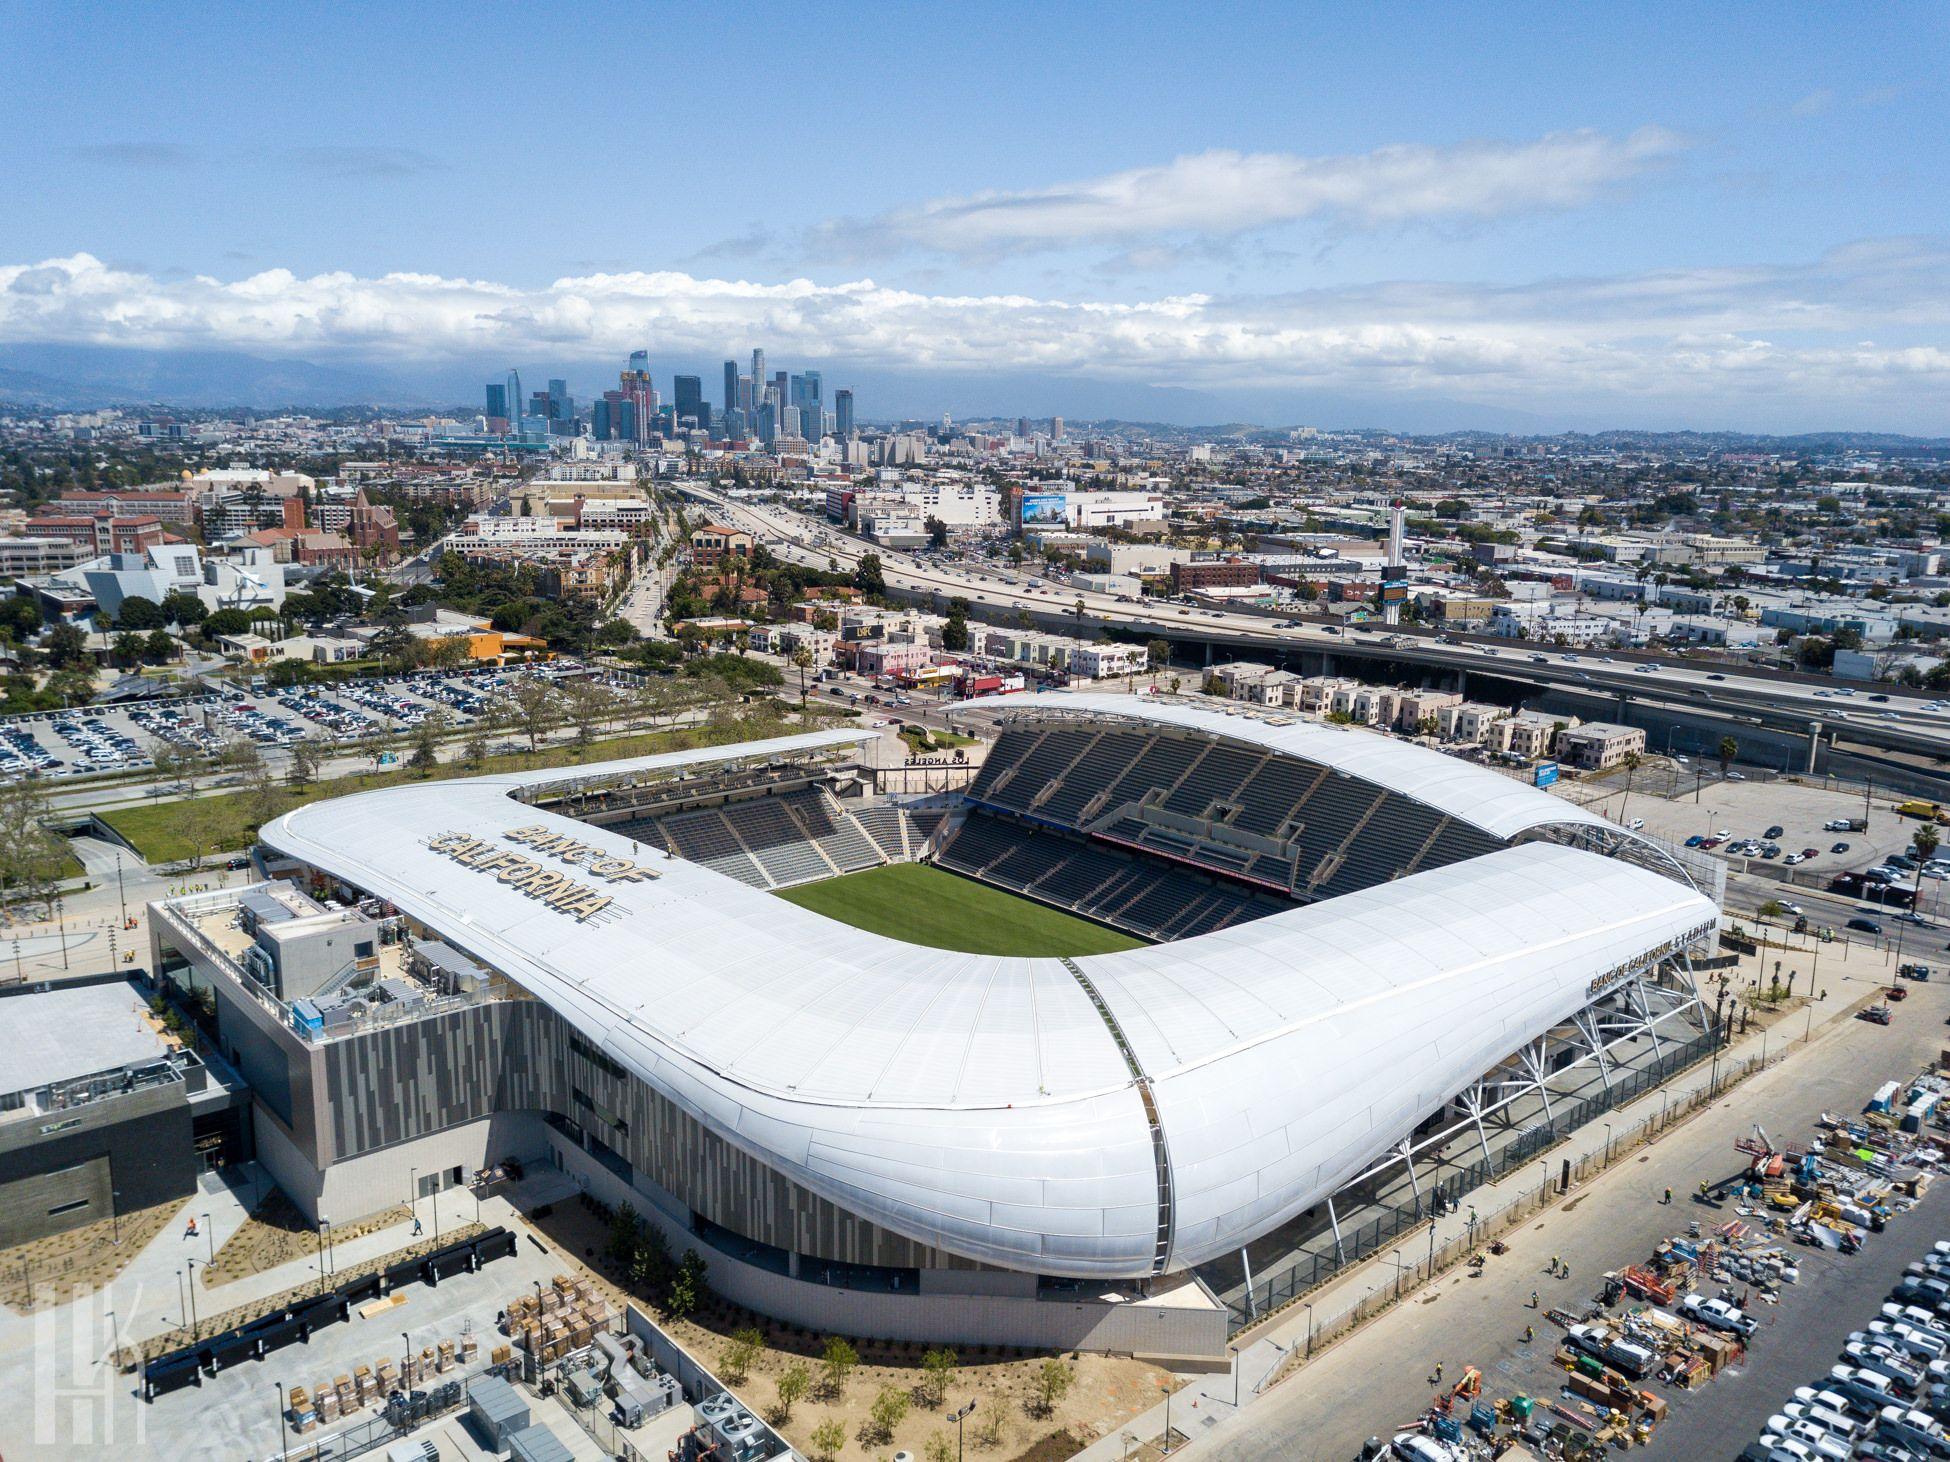 Banc Of California Stadium Completed In Exposition Park Stadium Stadium Architecture Soccer Stadium